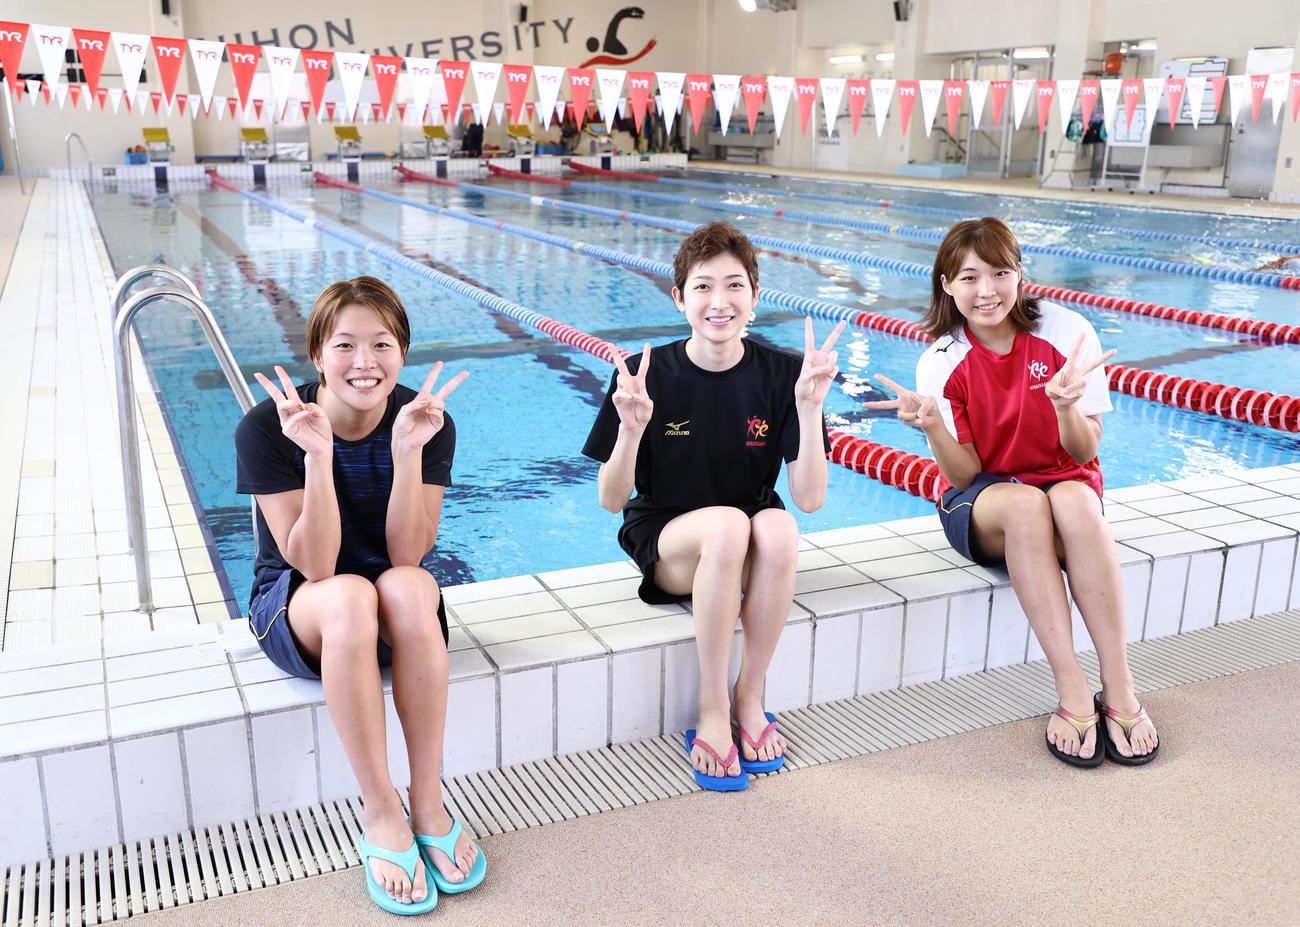 都内で練習を公開した池江璃花子(中央)。右は山本茉由佳、左は持田早智(代表撮影)